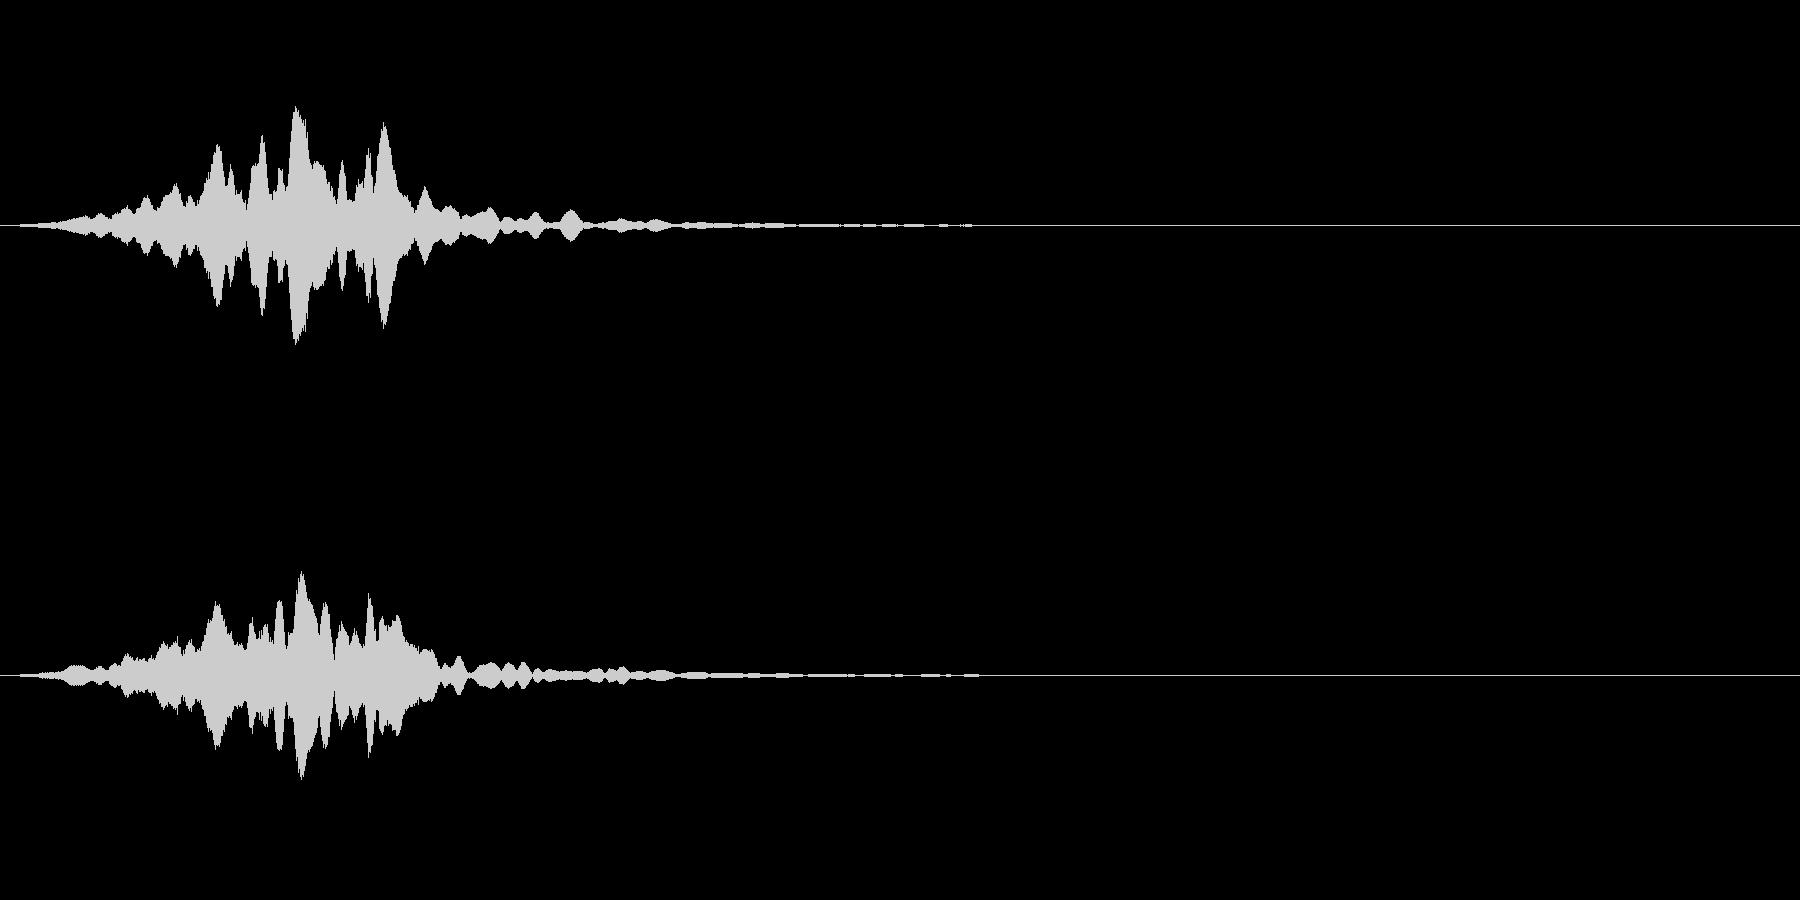 フワーン:サウンドロゴなどにどうぞの未再生の波形